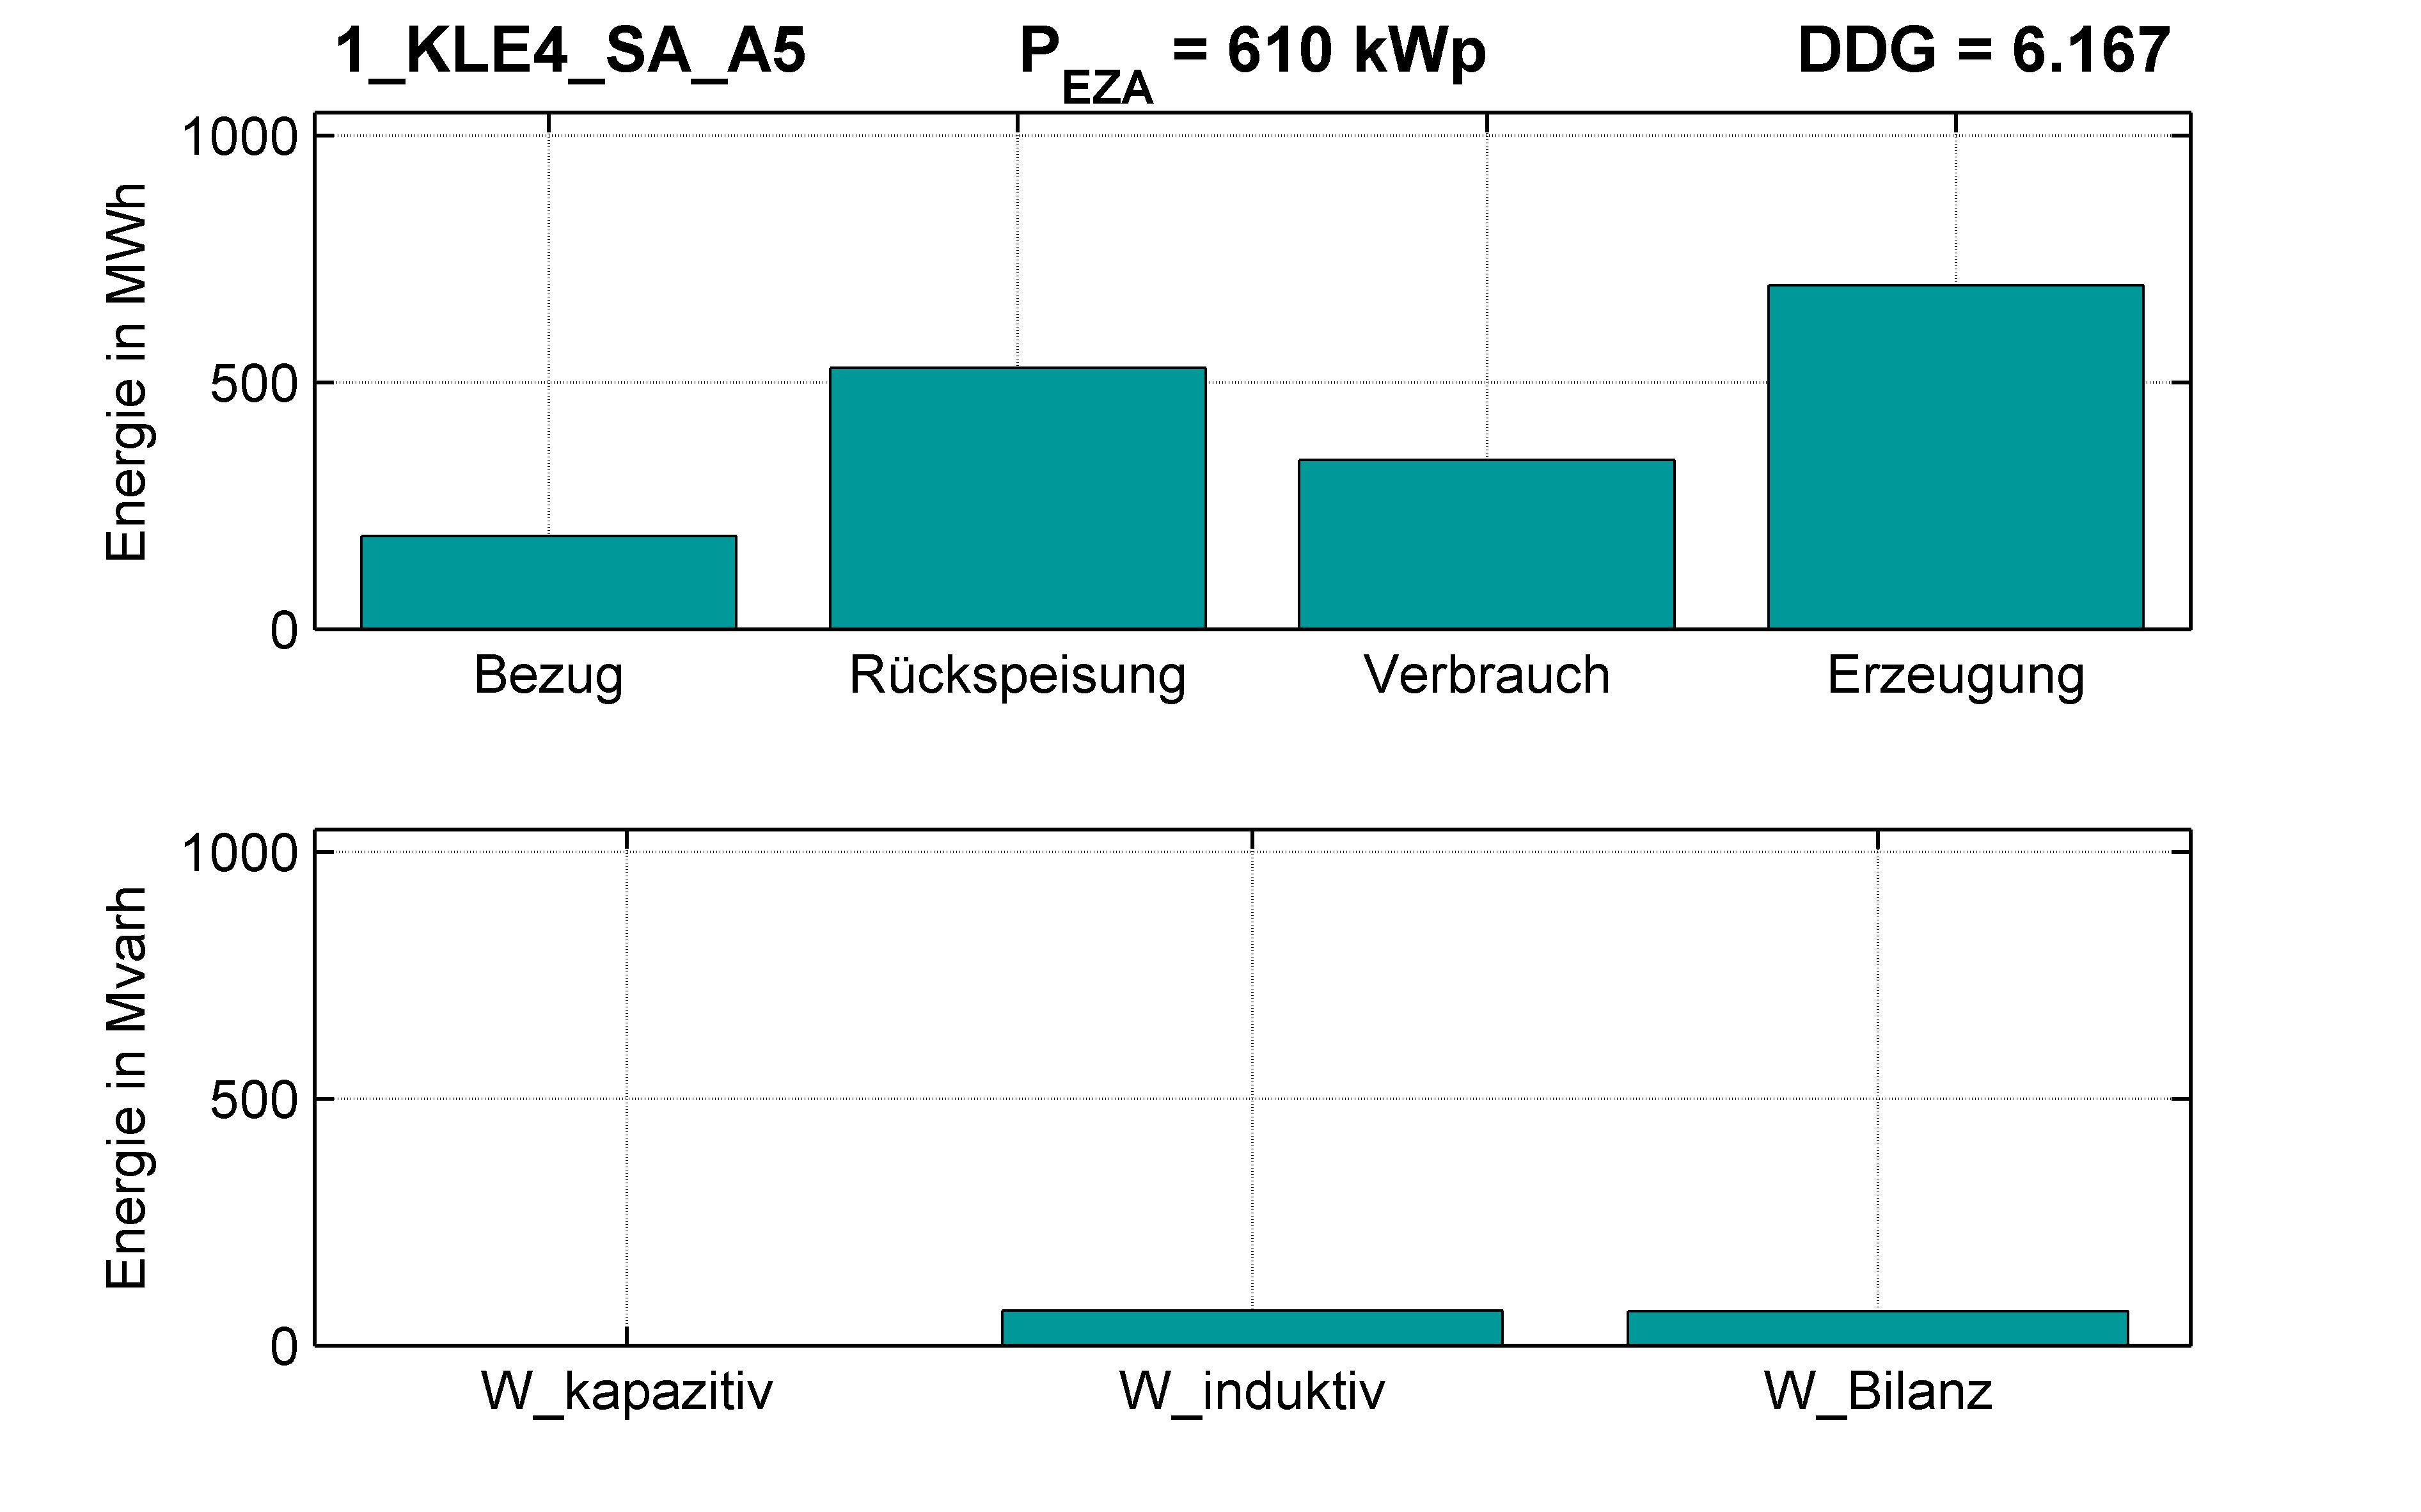 KLE4 | KABEL (SA) A5 | PQ-Bilanz